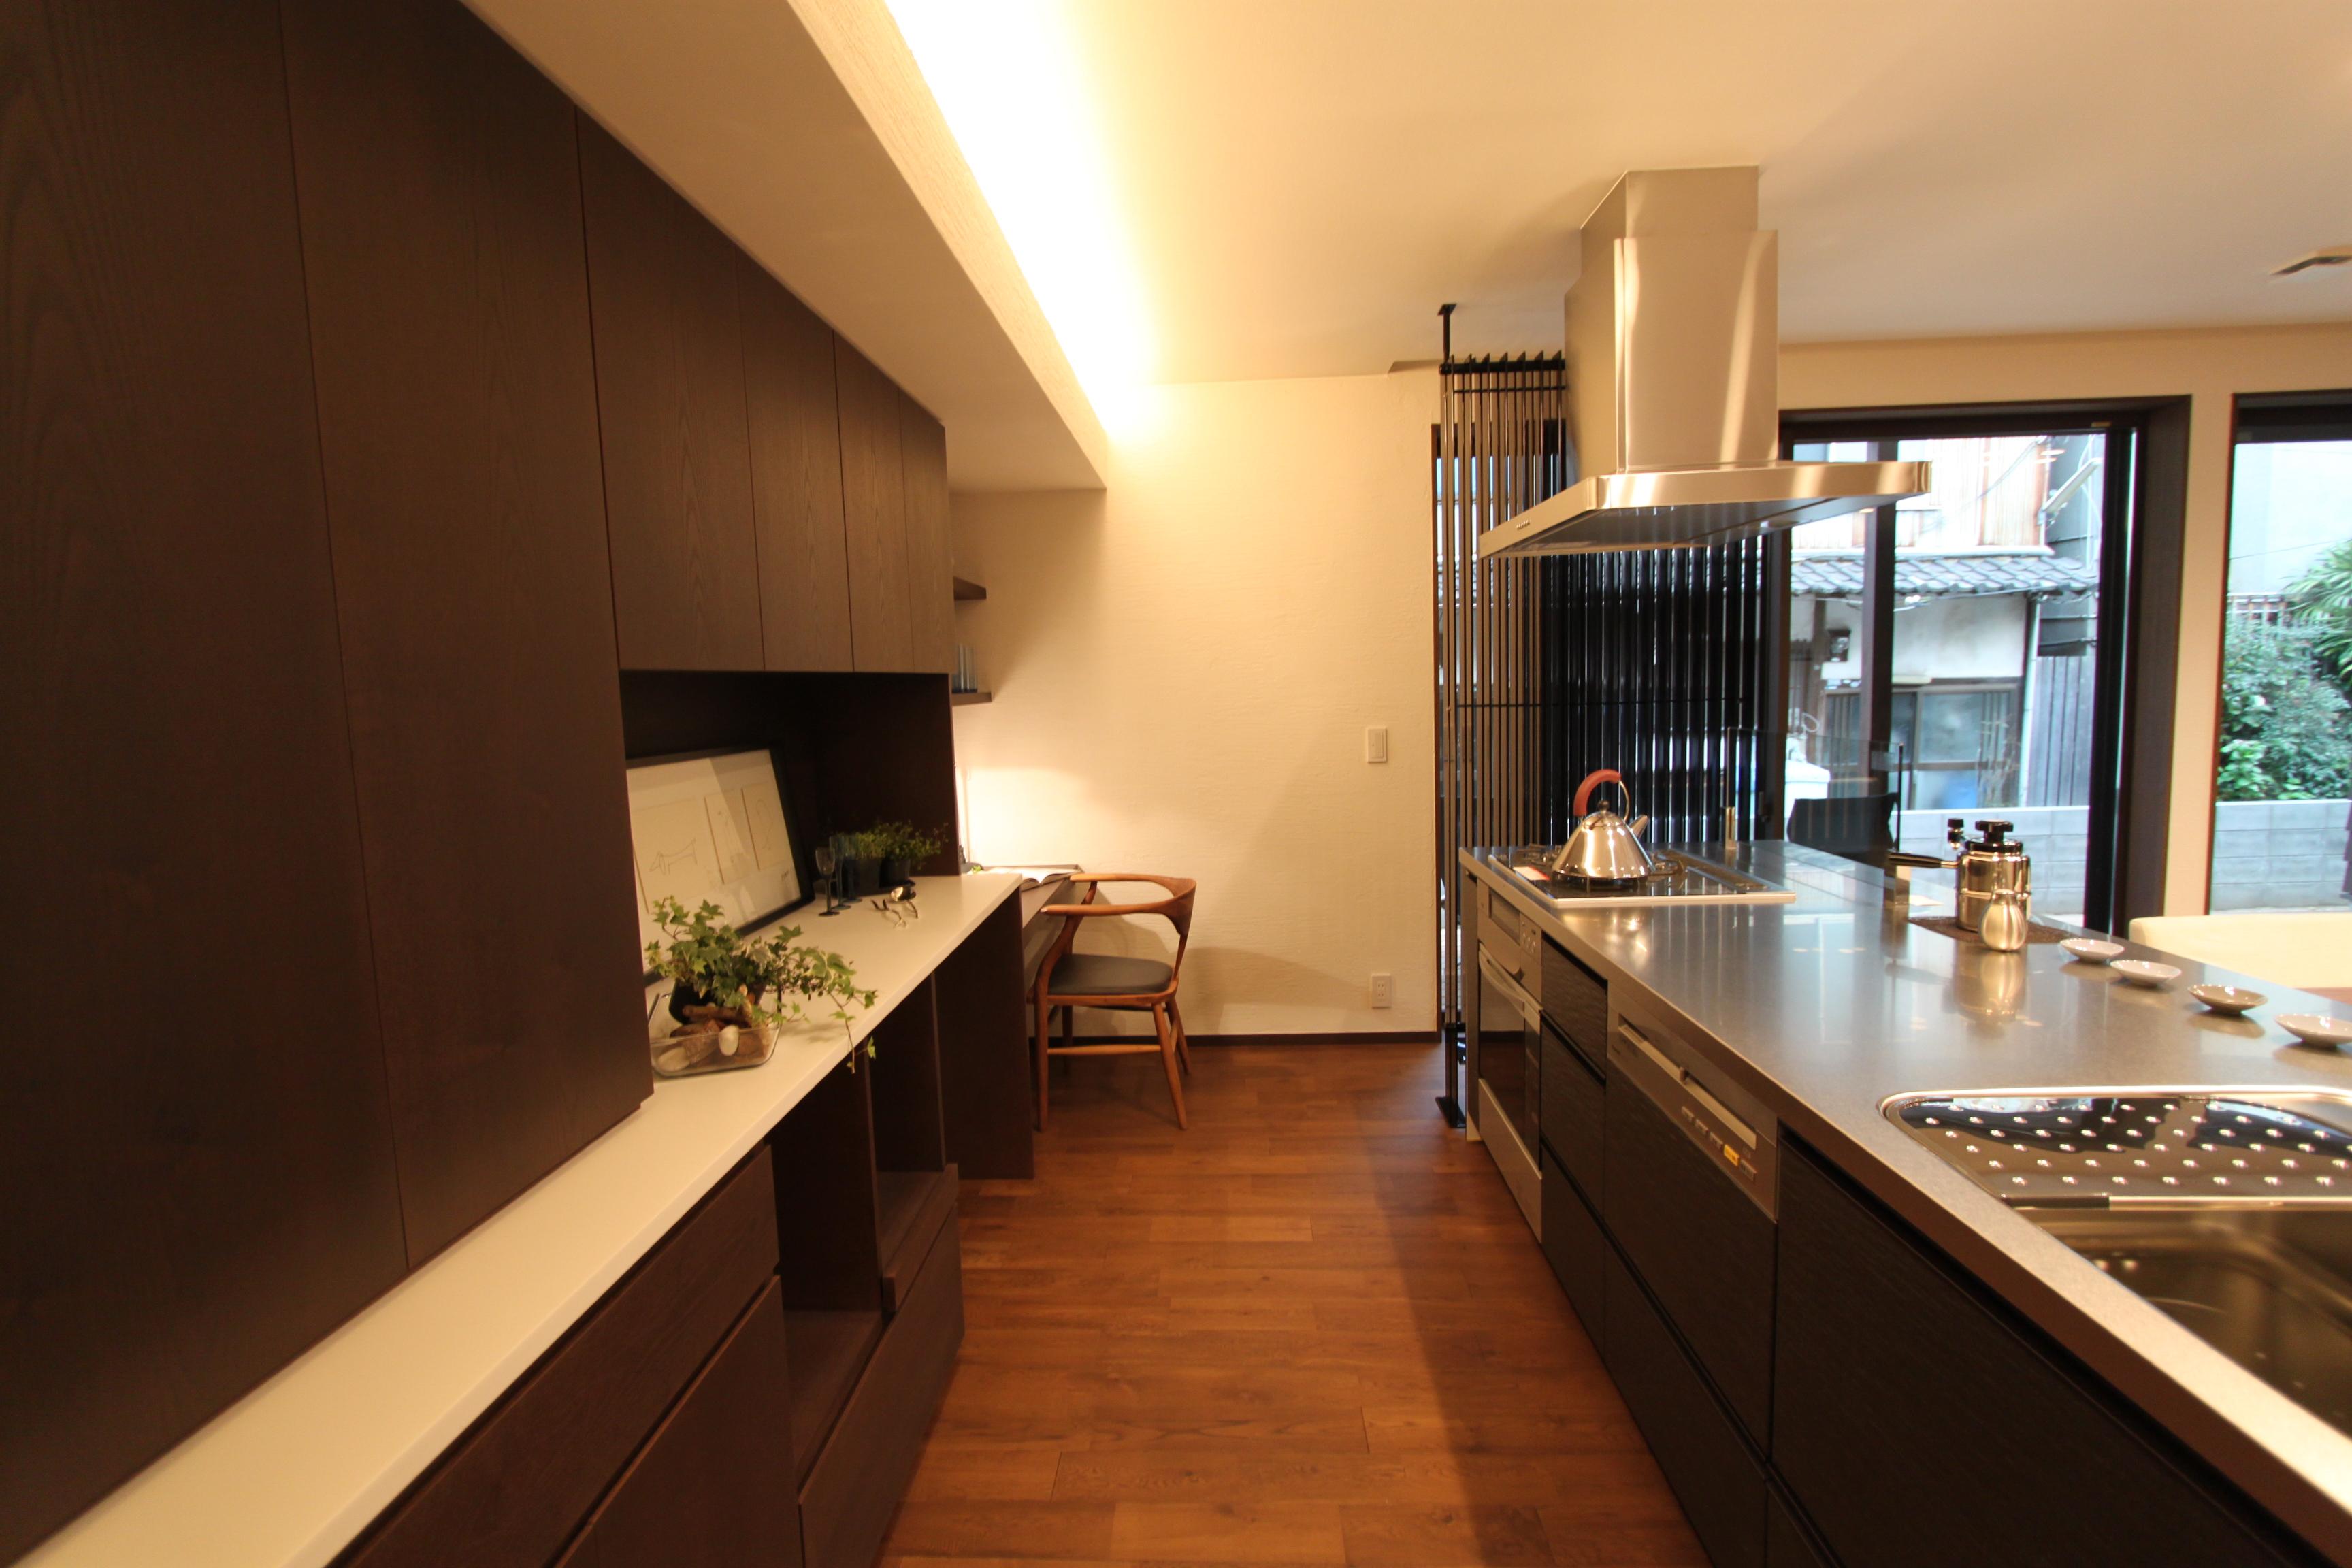 アイランド+ステン天板+食器棚